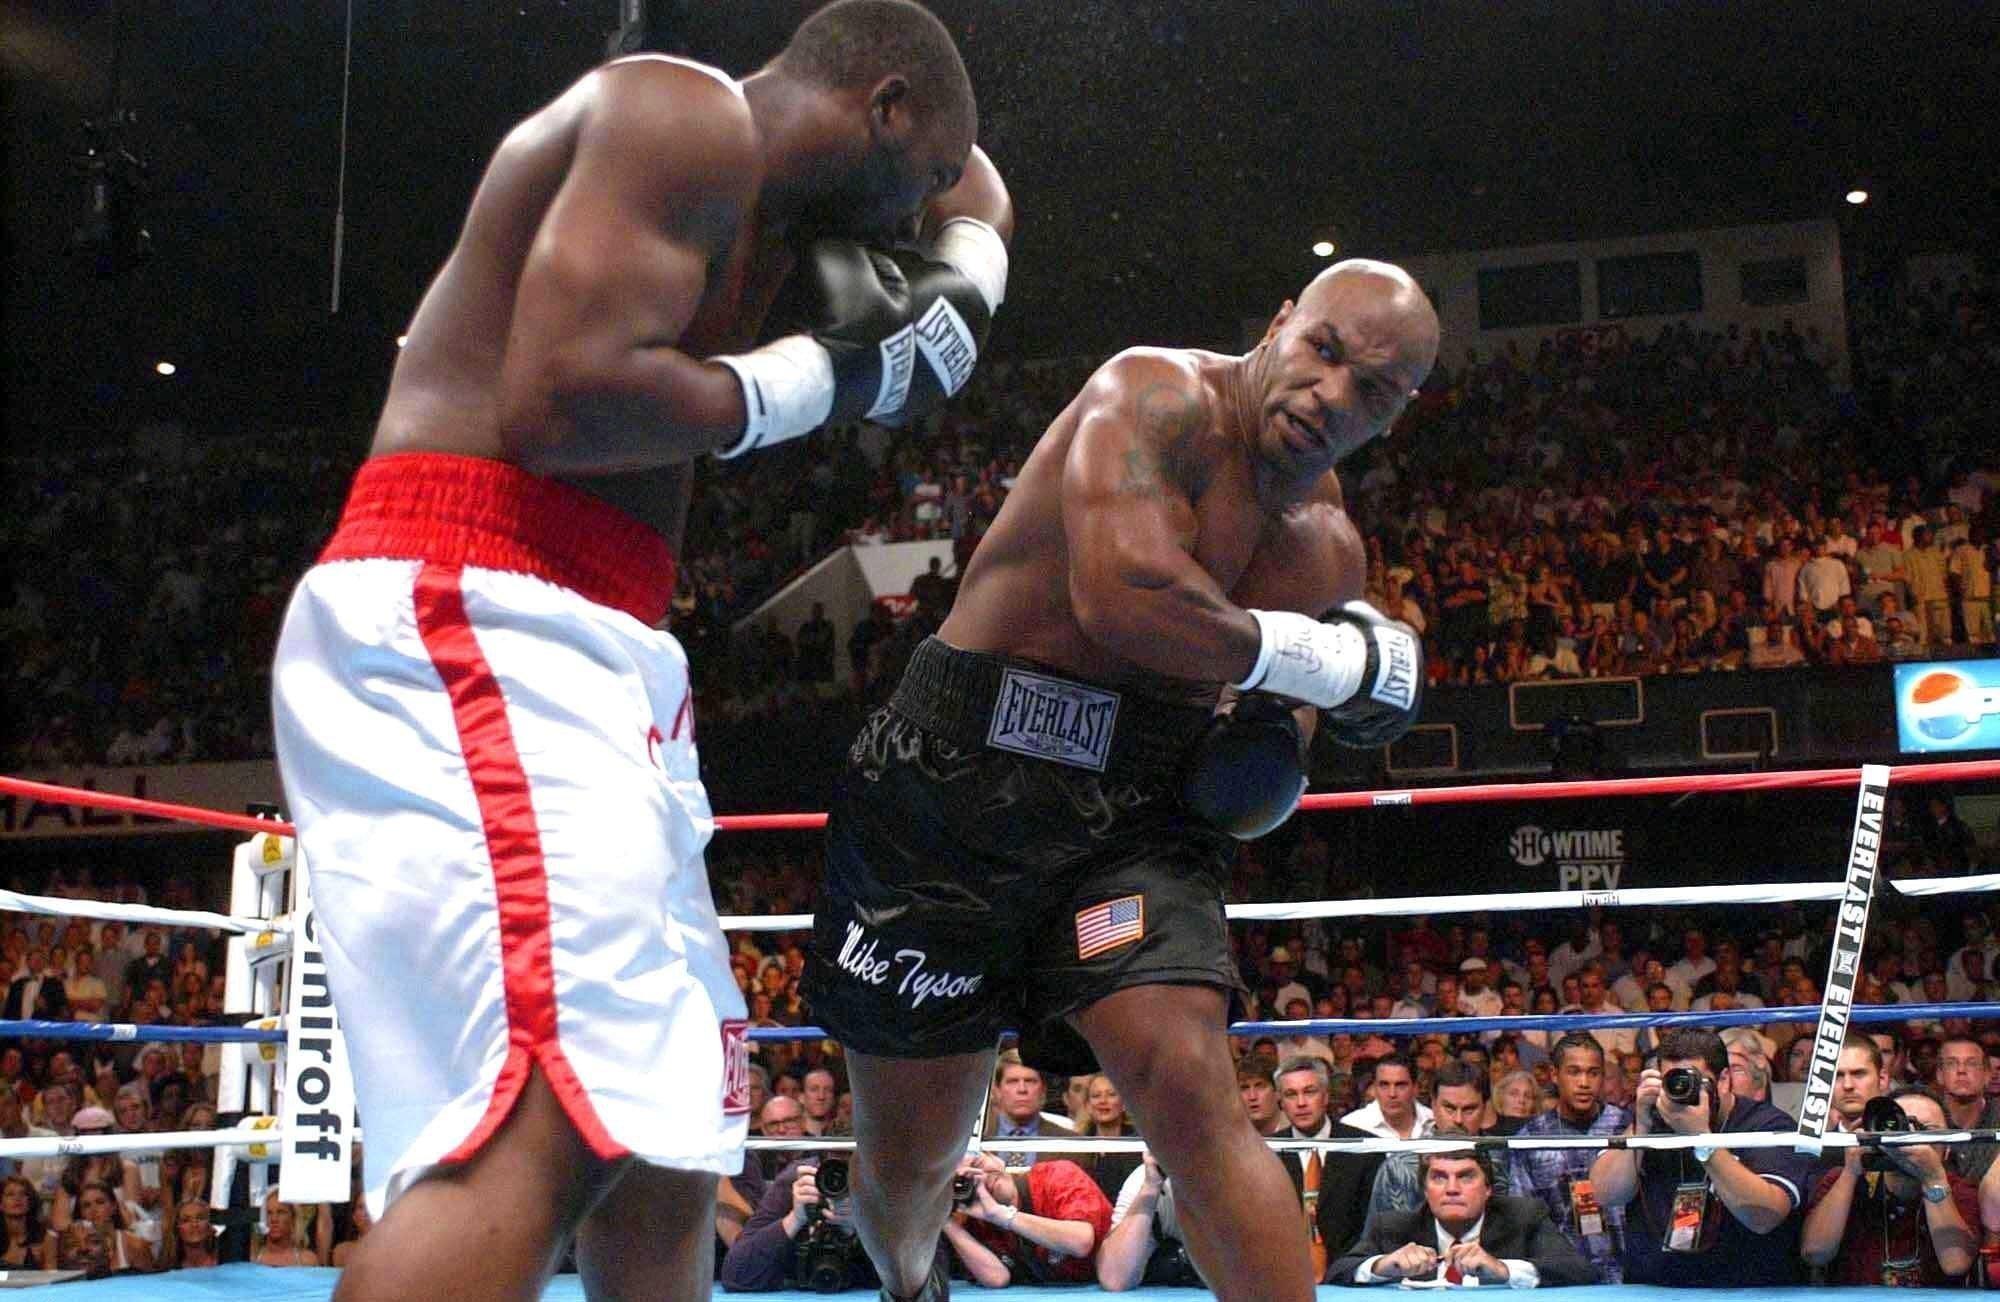 Boxe, Holyfield sfida di nuovo Tyson: Pronto a tornare